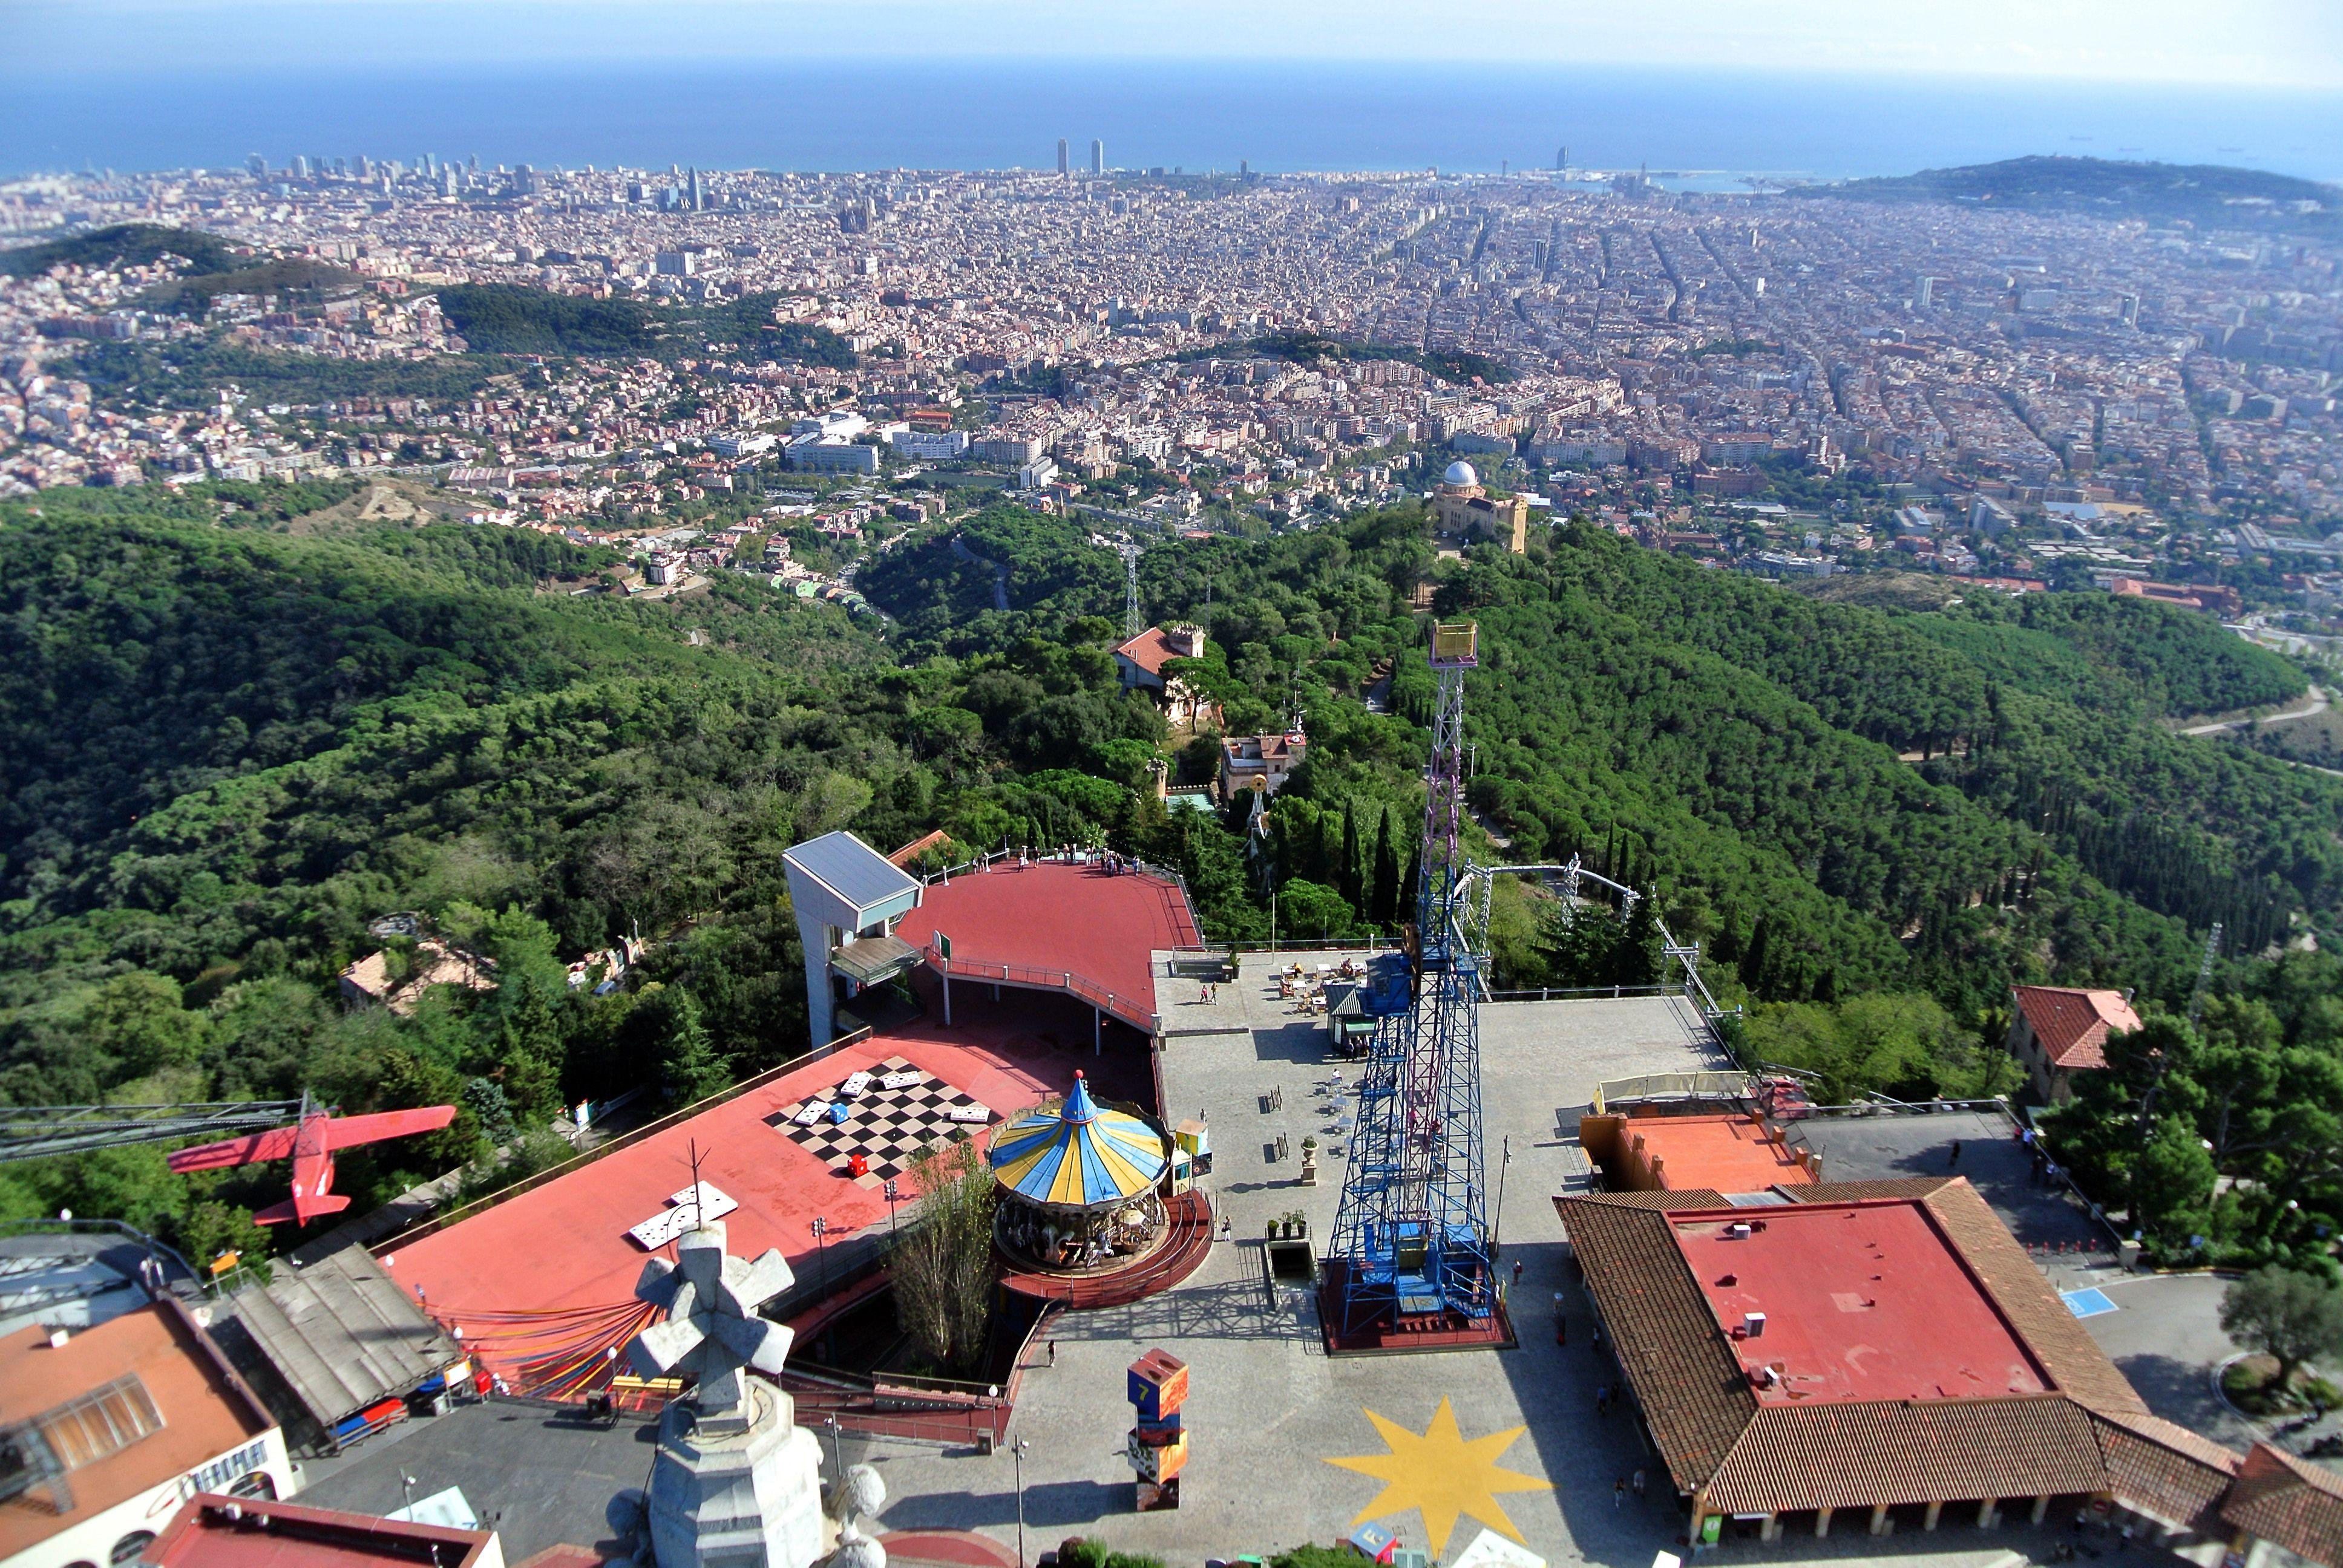 Veintitrés nuevos proyectos experimentales podrán probar sus soluciones en ciudades